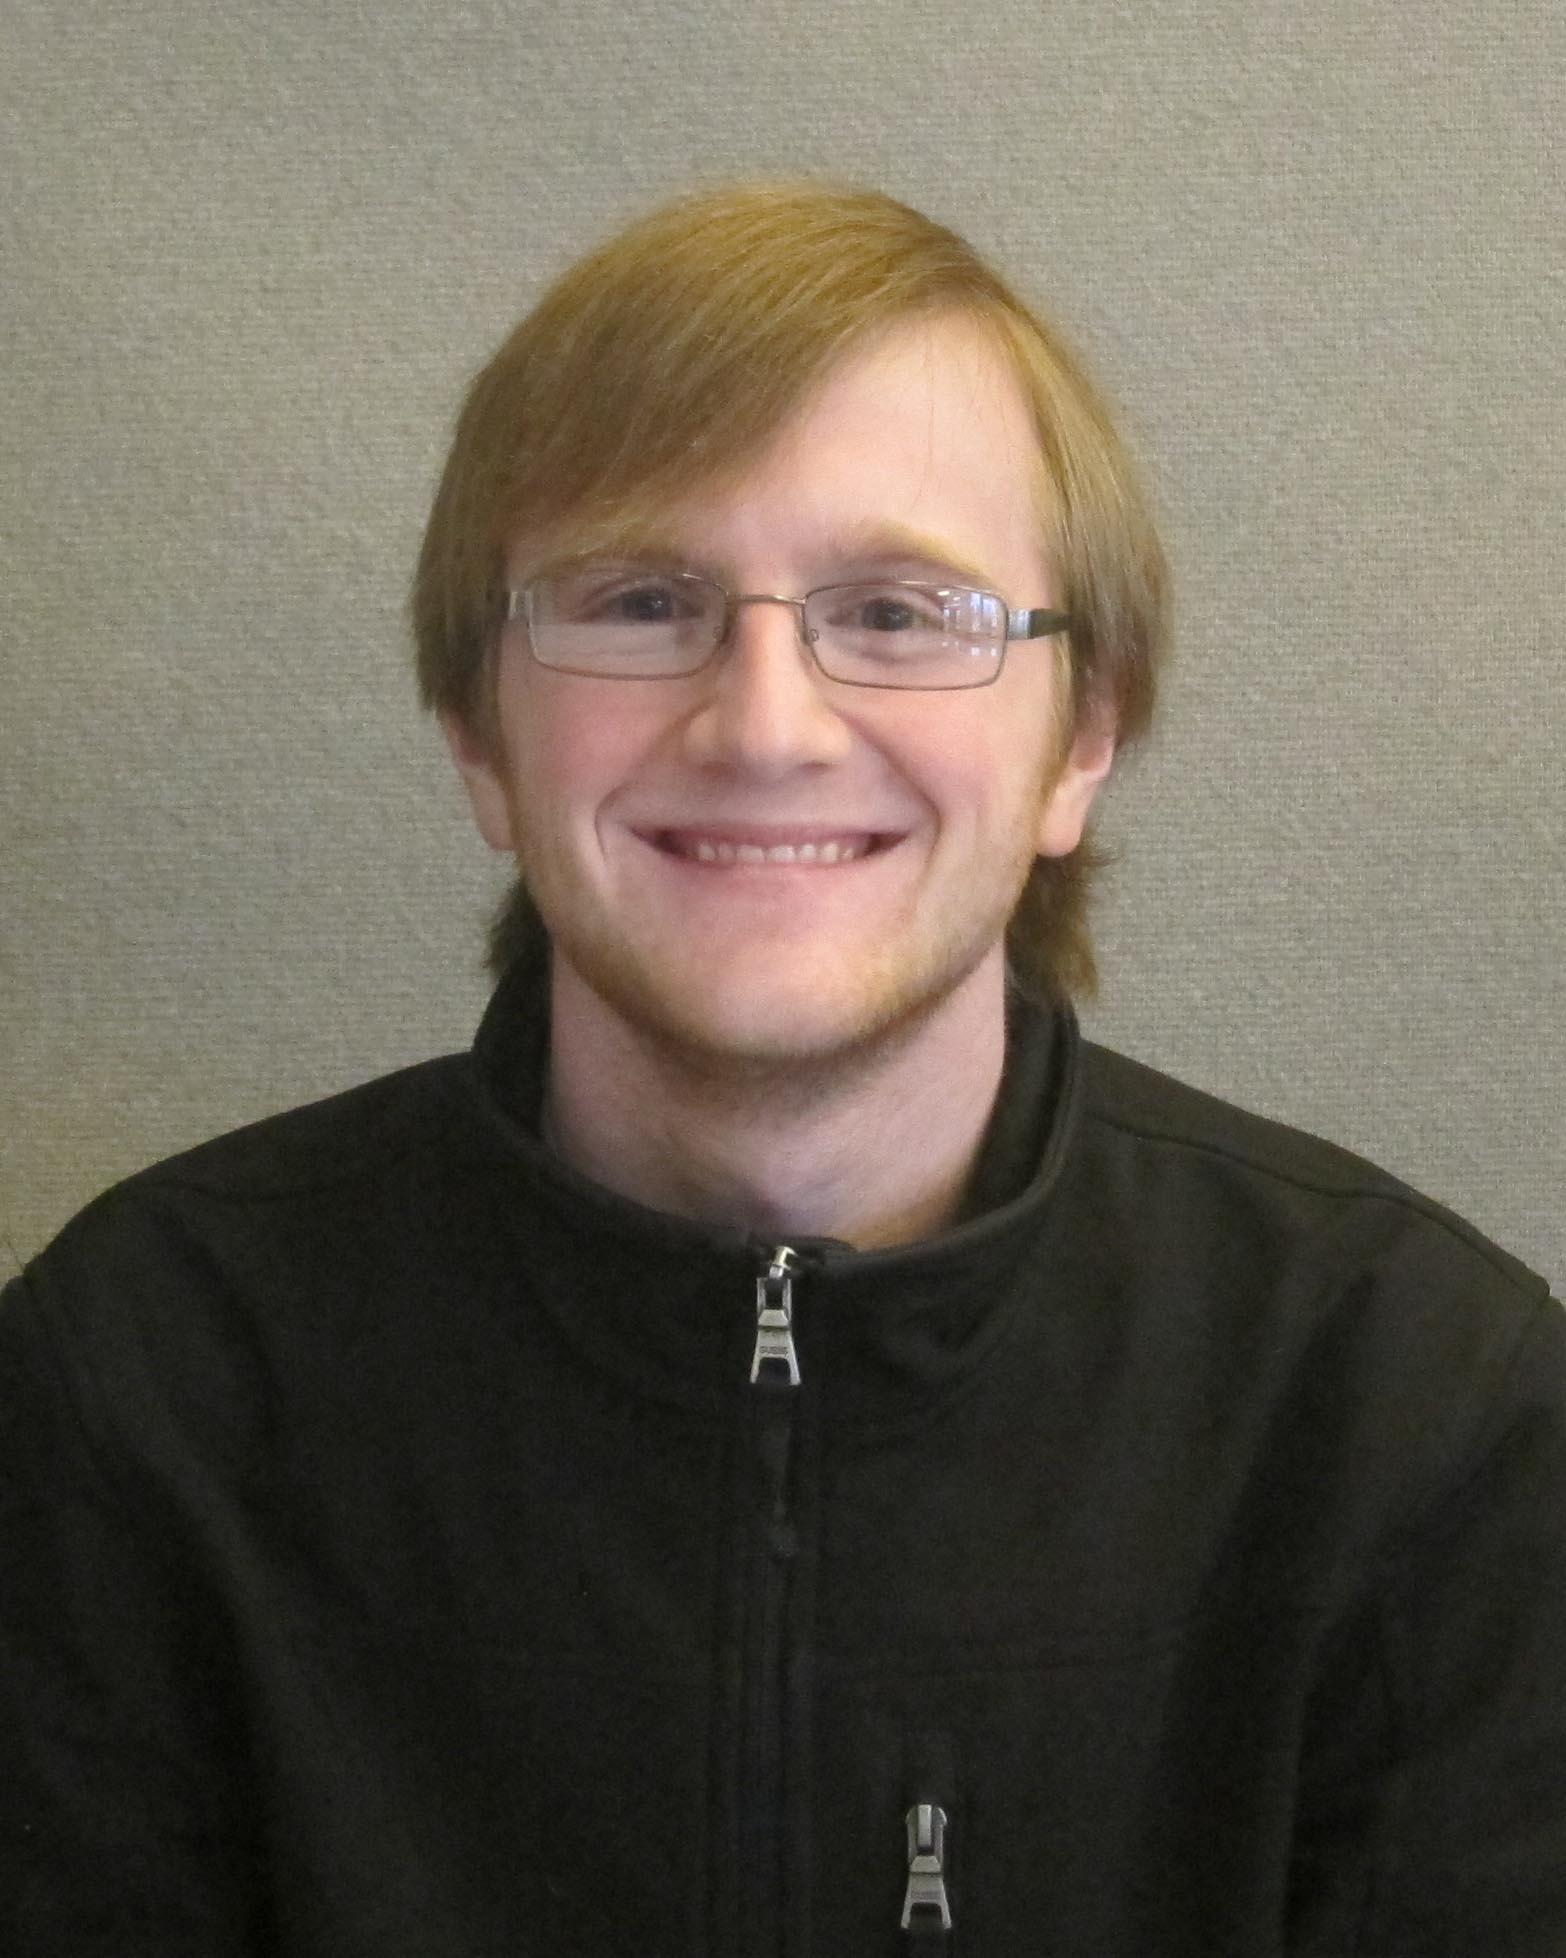 Dustin Hauptman